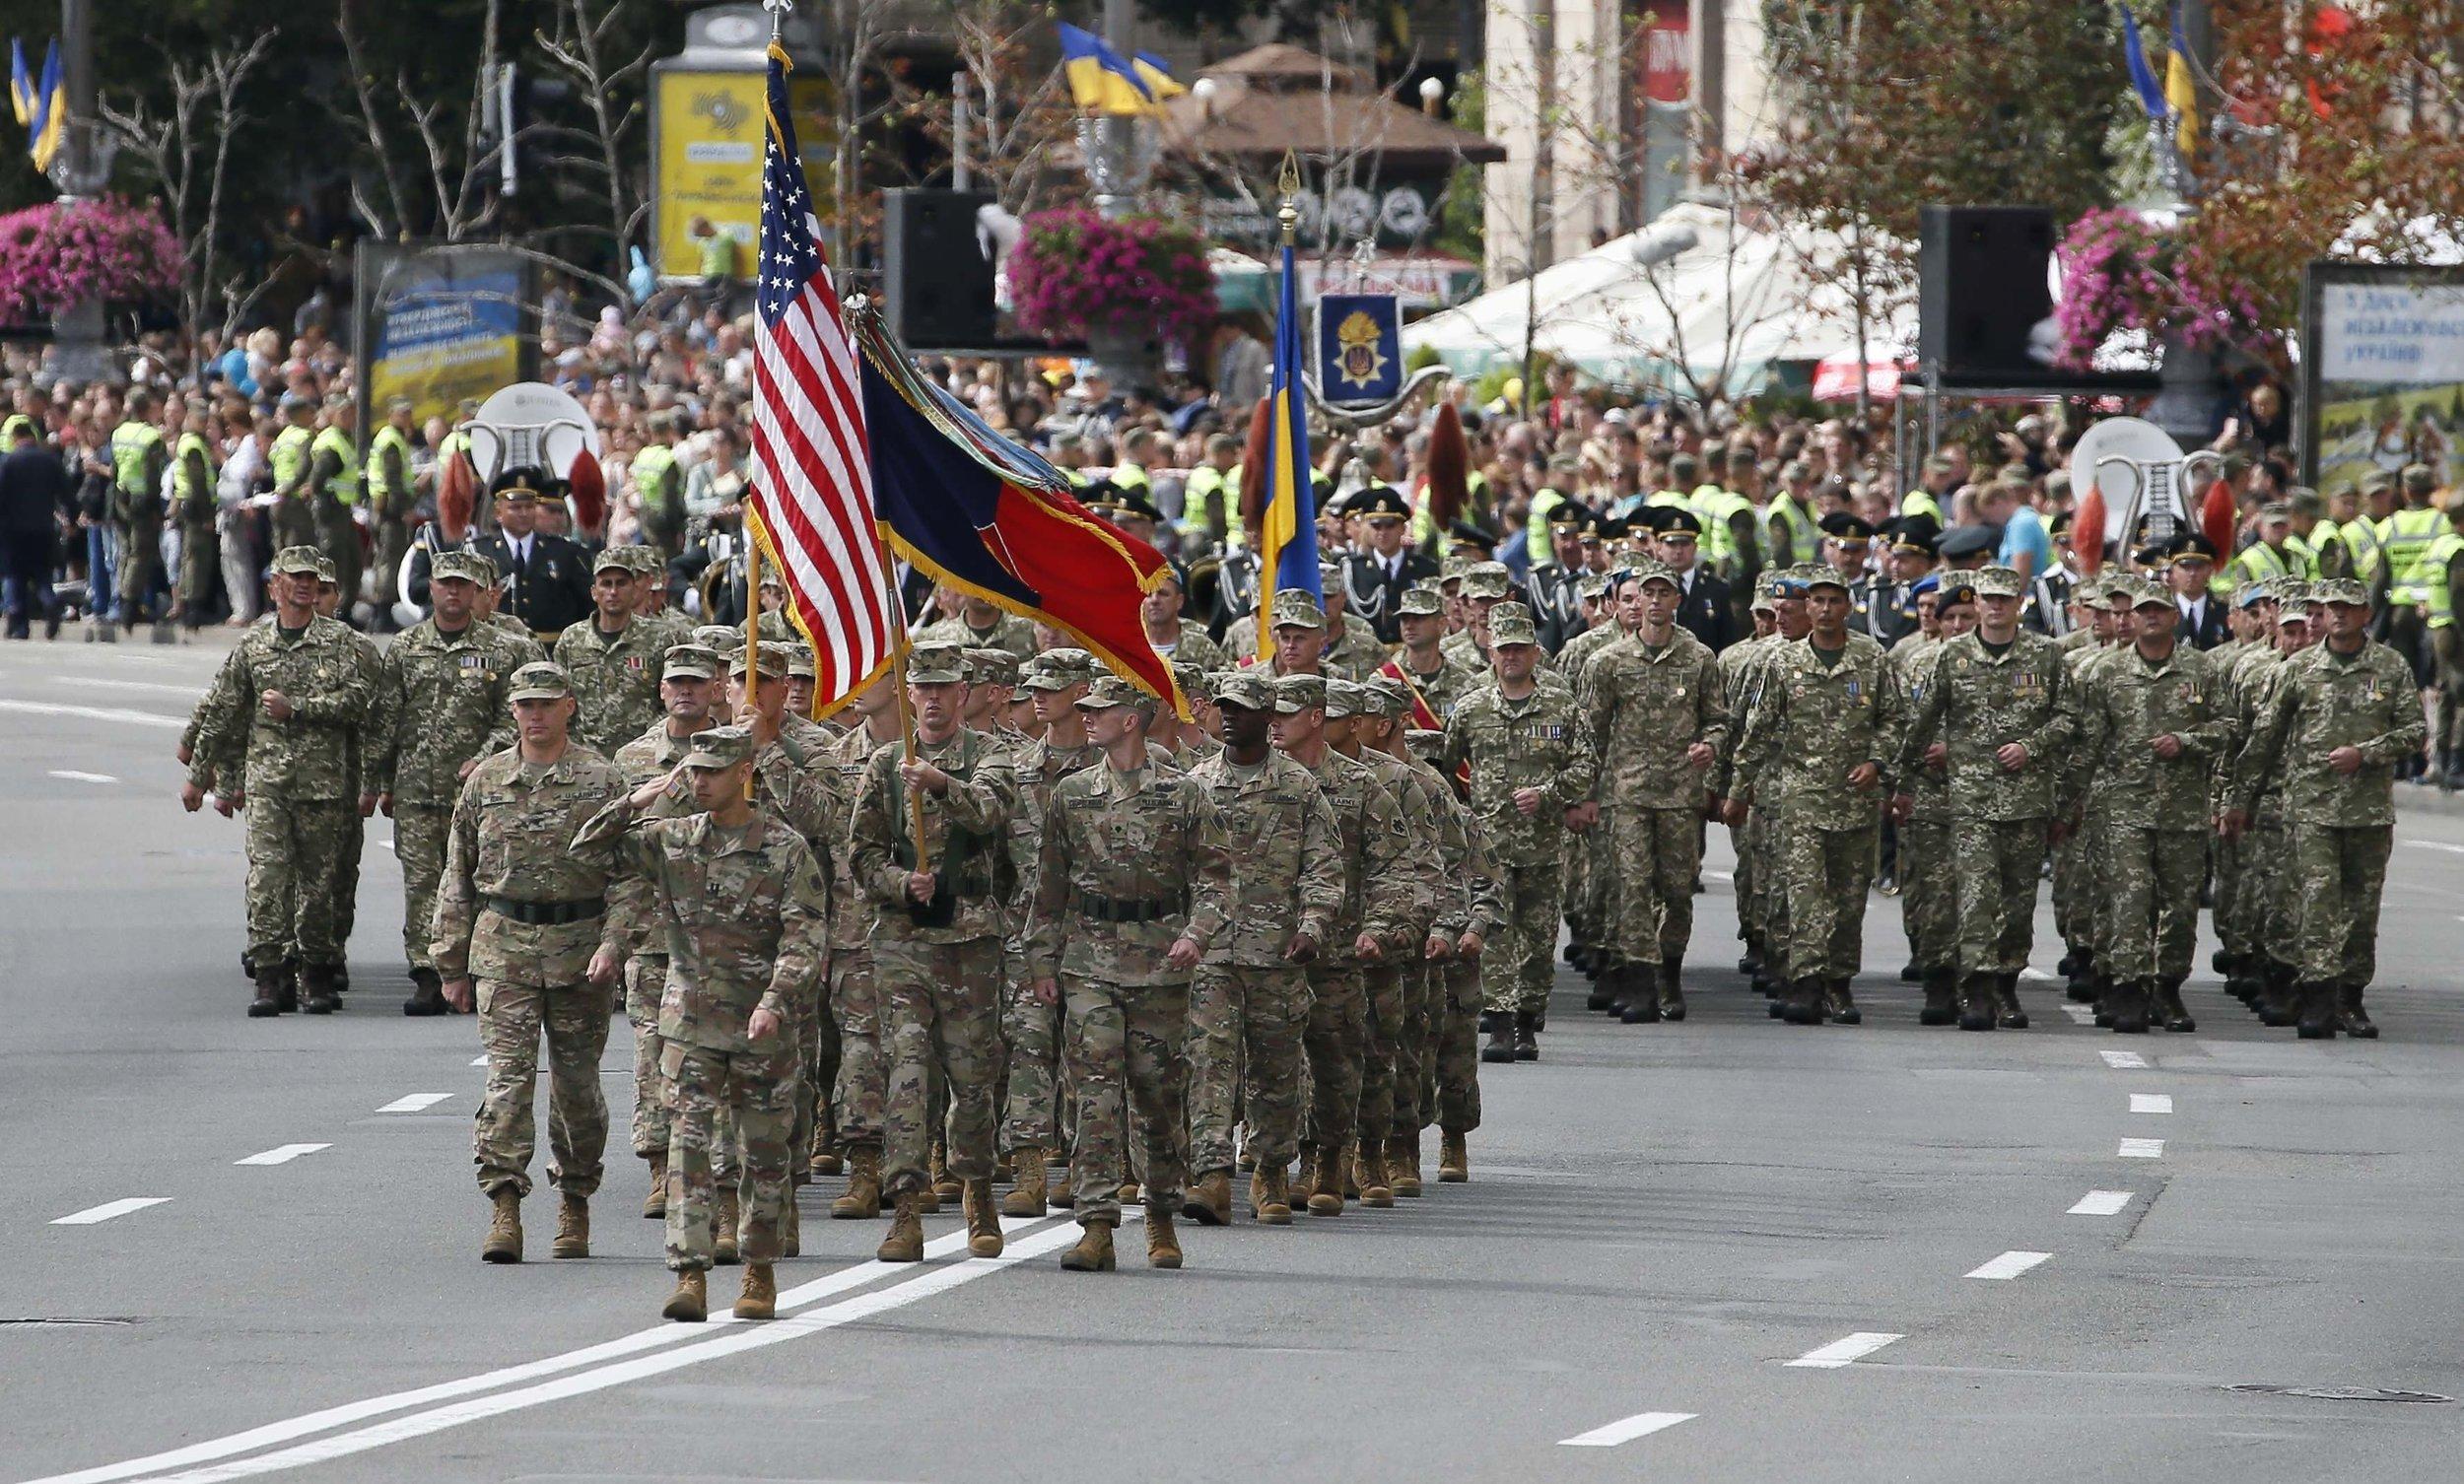 U.S. servicemen (front) march during a military parade marking Ukraine's Independence Day in Kyiv, Ukraine, August 24, 2017. (Reuters/Gleb Garanich)